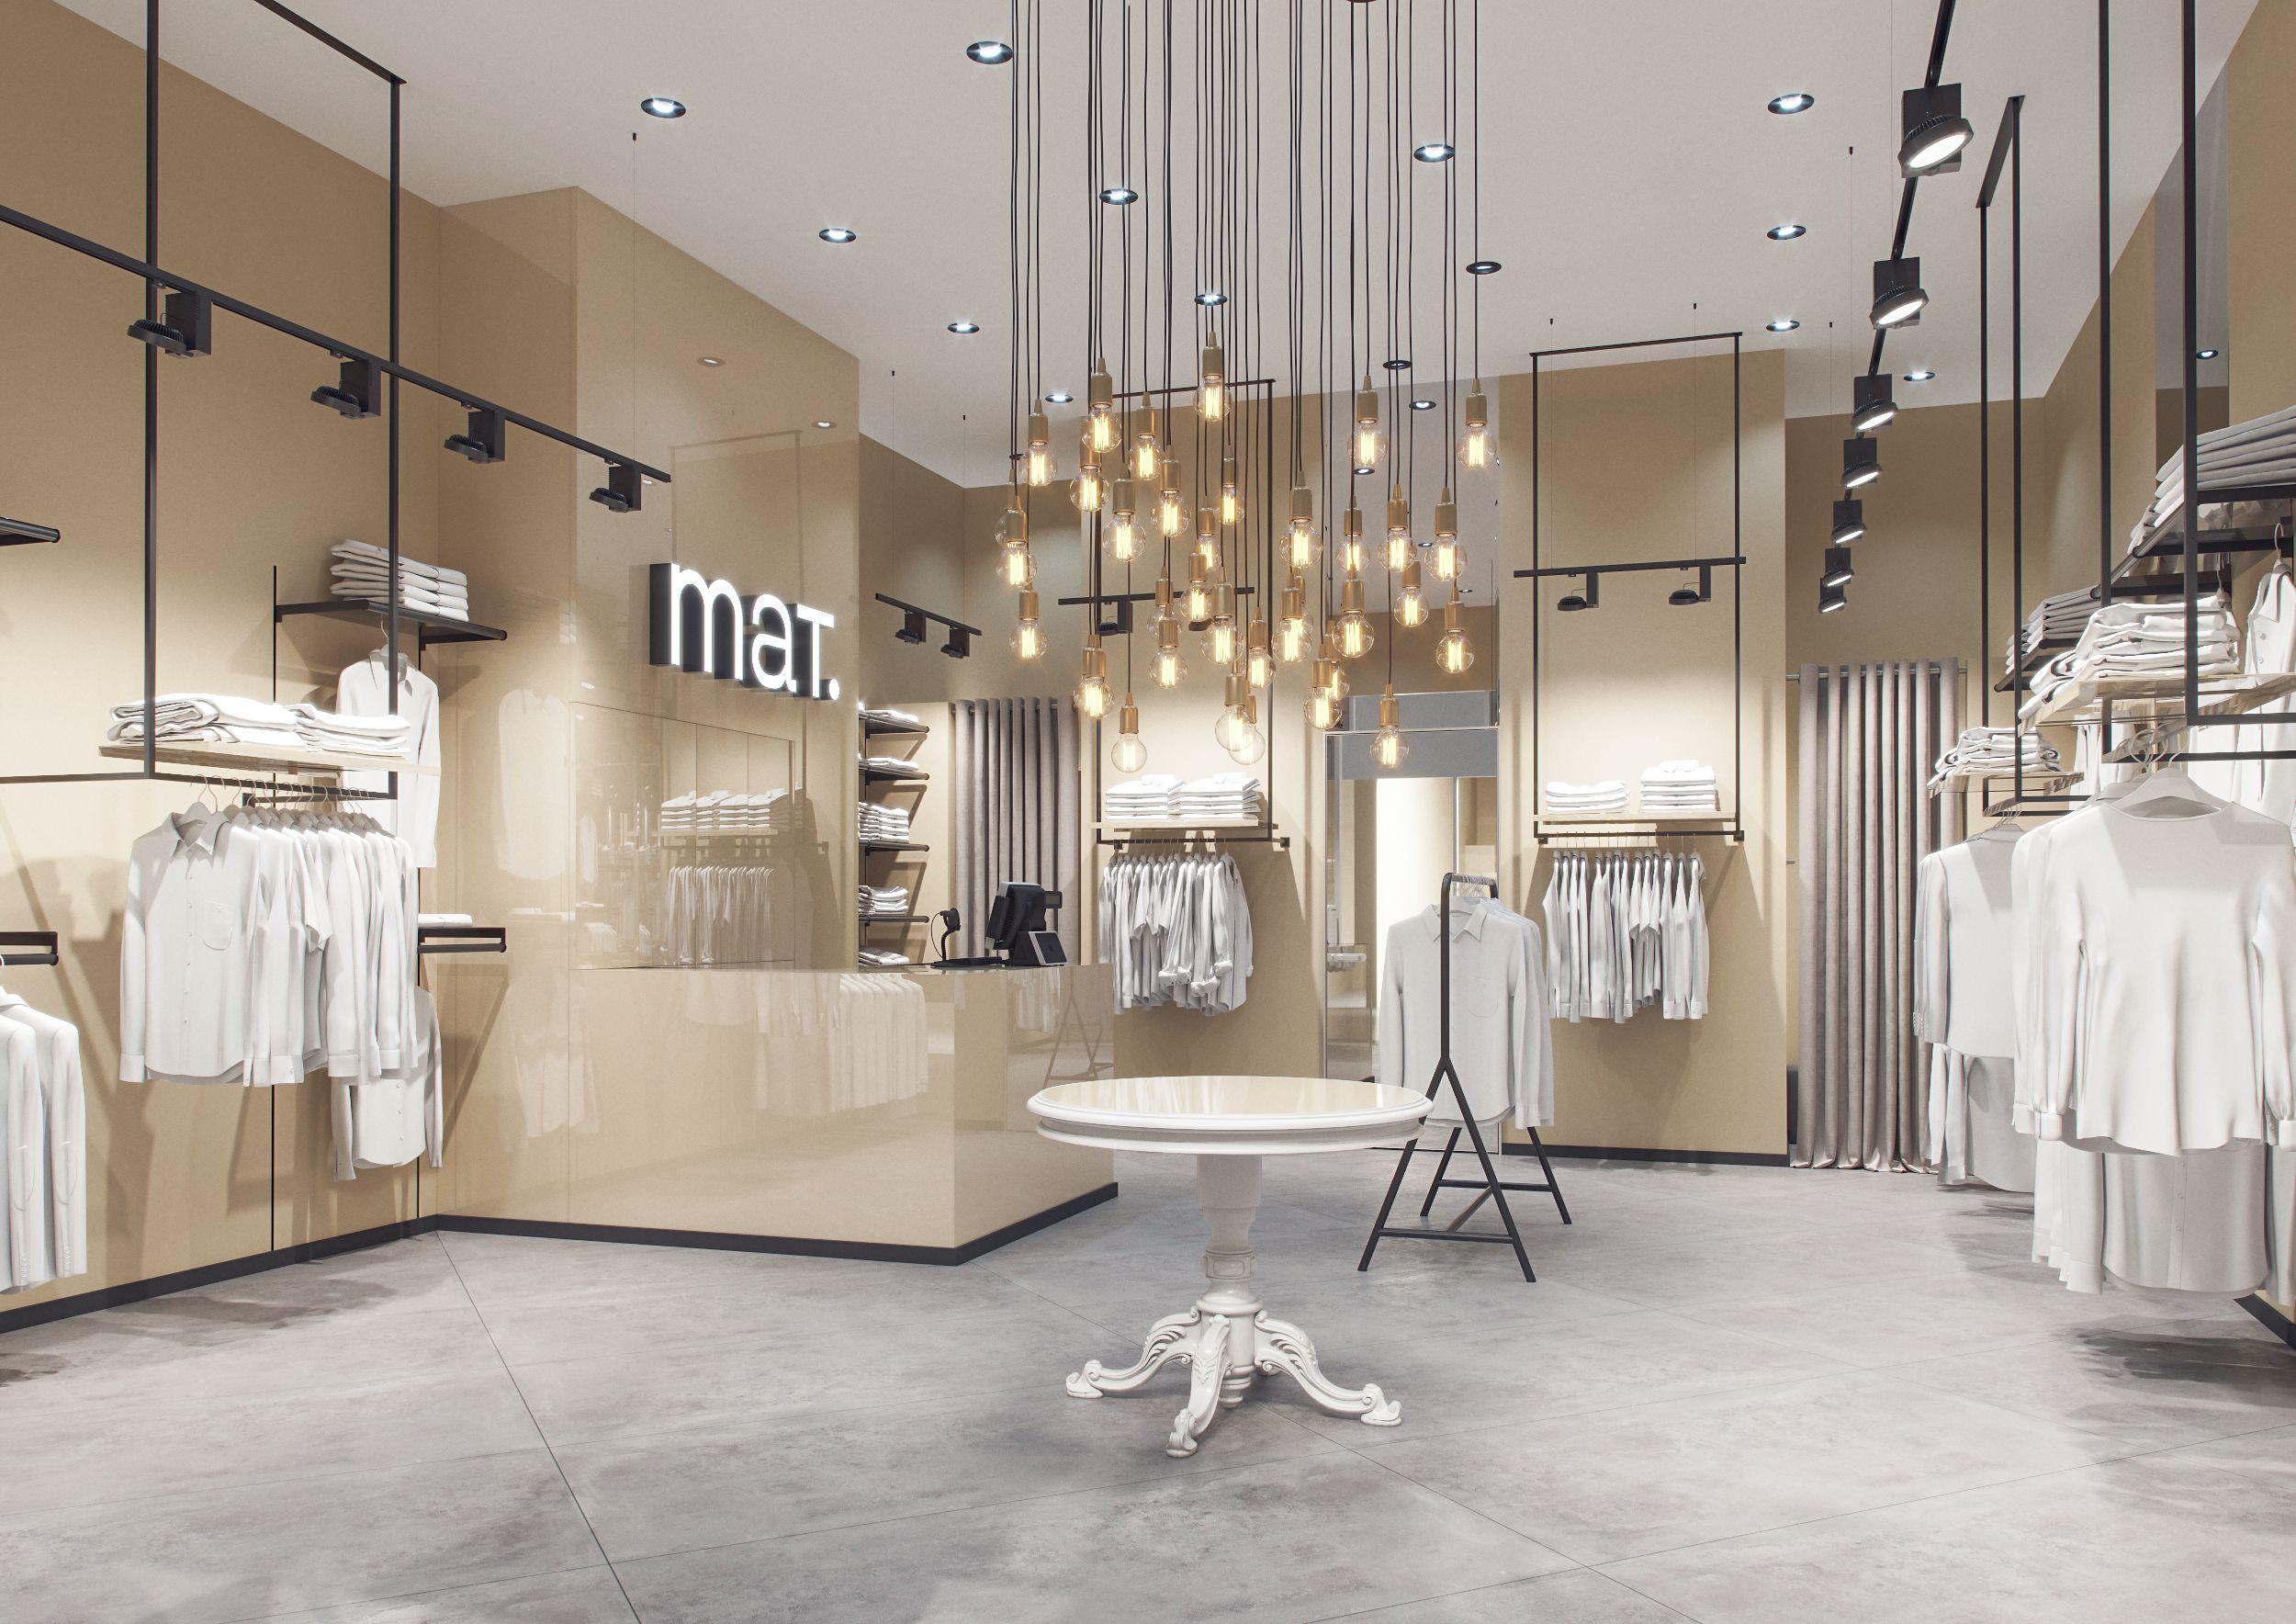 информация услугах картинка для оформления женского магазина одежды будущем